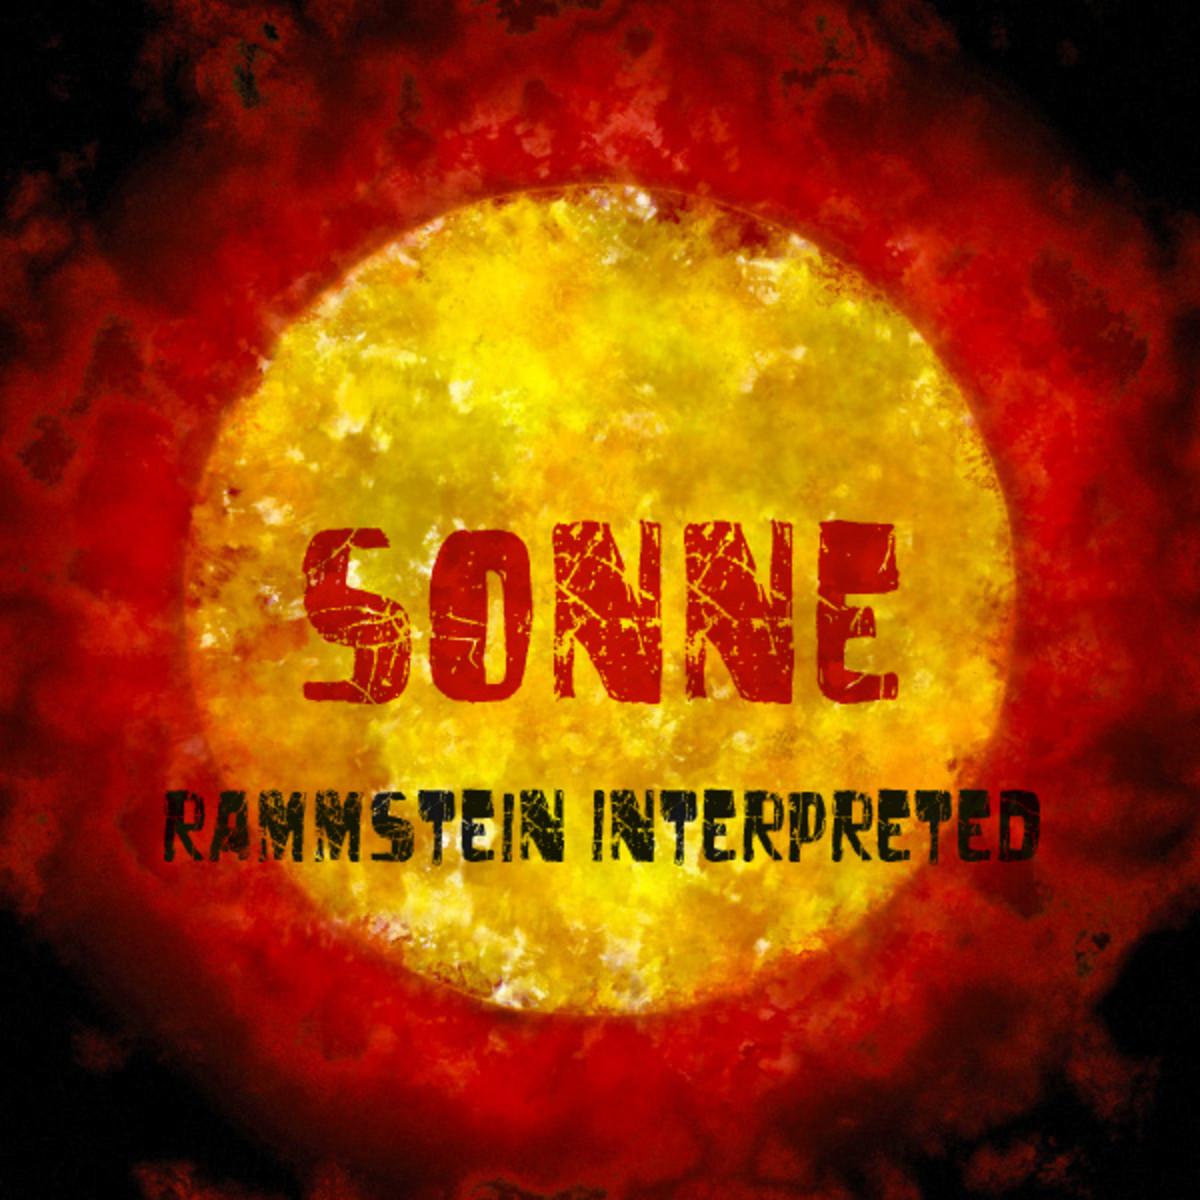 Rammstein Interpreted: Sonne